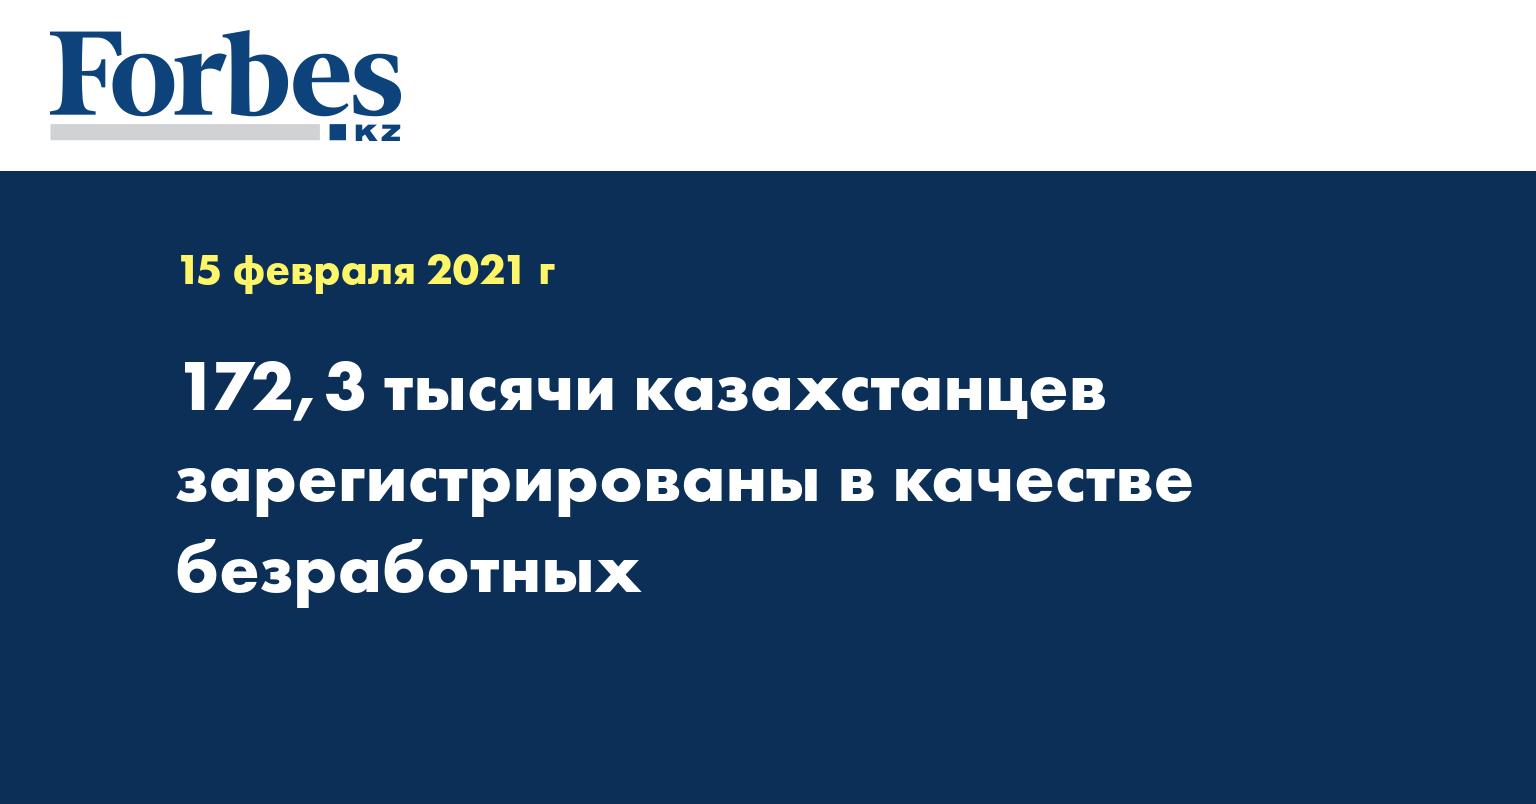 172,3 тысячи казахстанцев зарегистрированы в качестве безработных